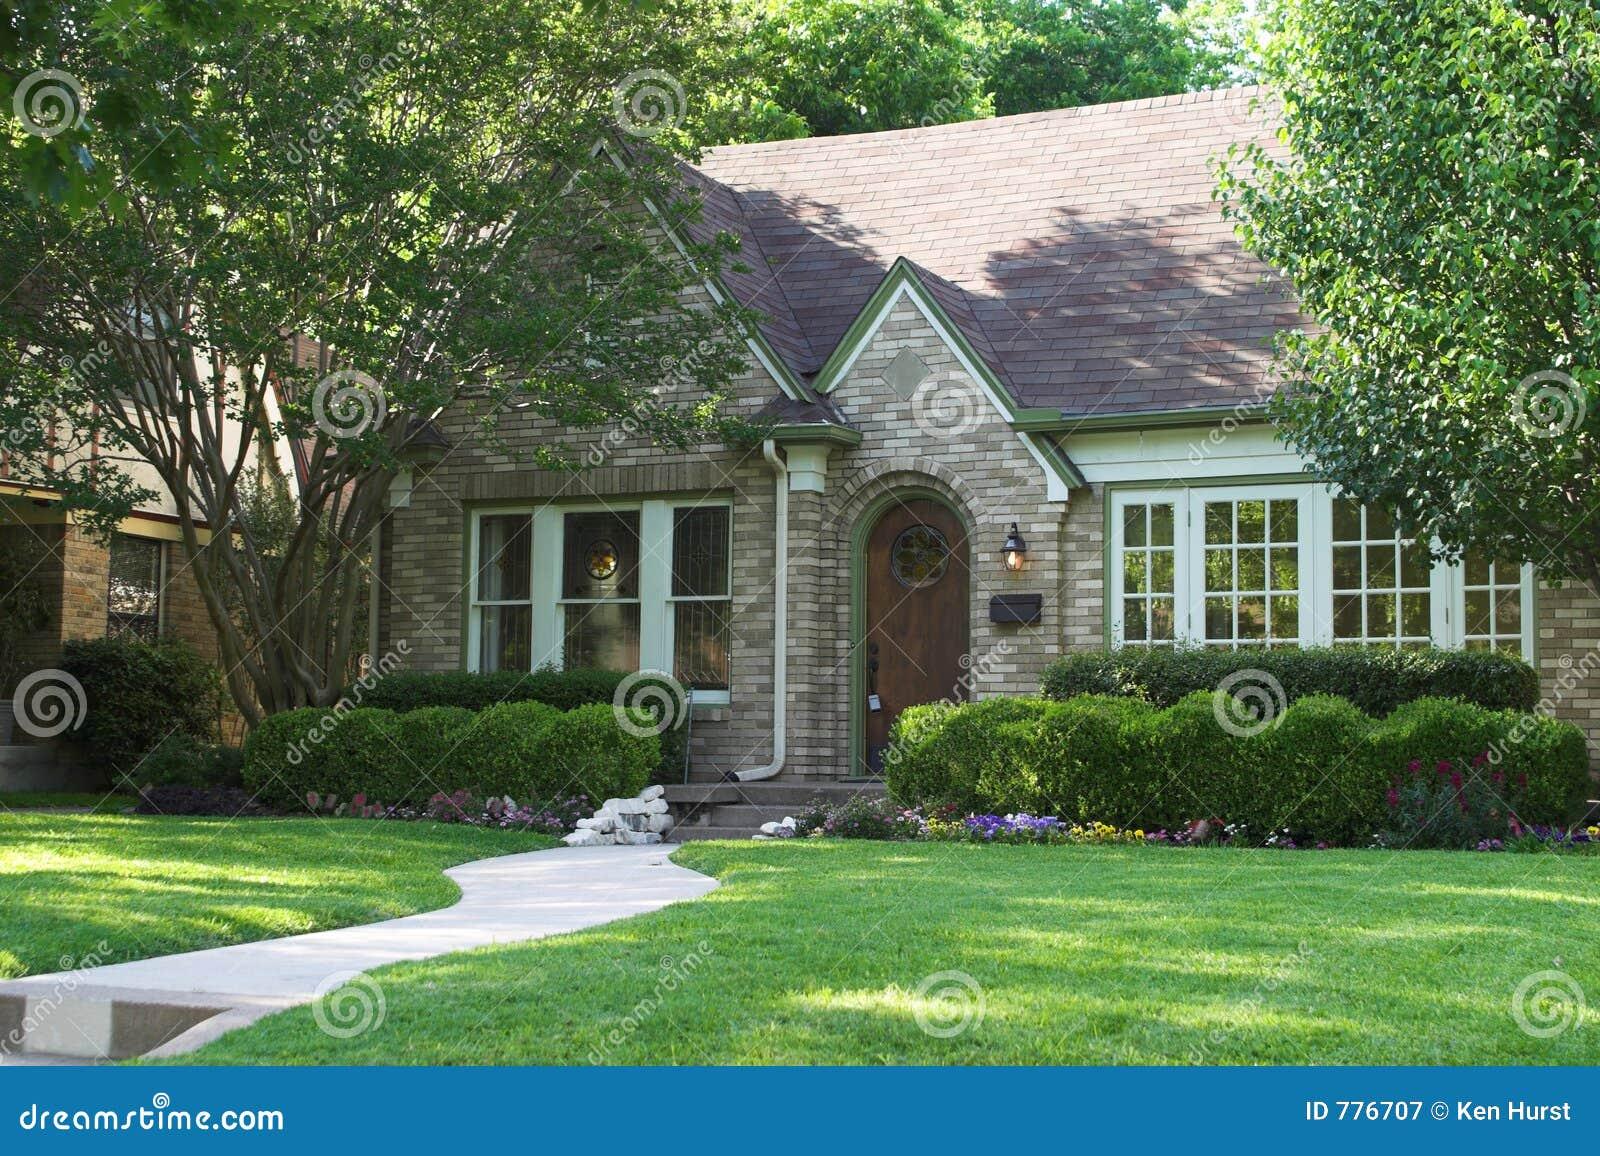 Huis voor verkoop royalty vrije stock fotografie for Huis aantrekkelijk maken voor verkoop